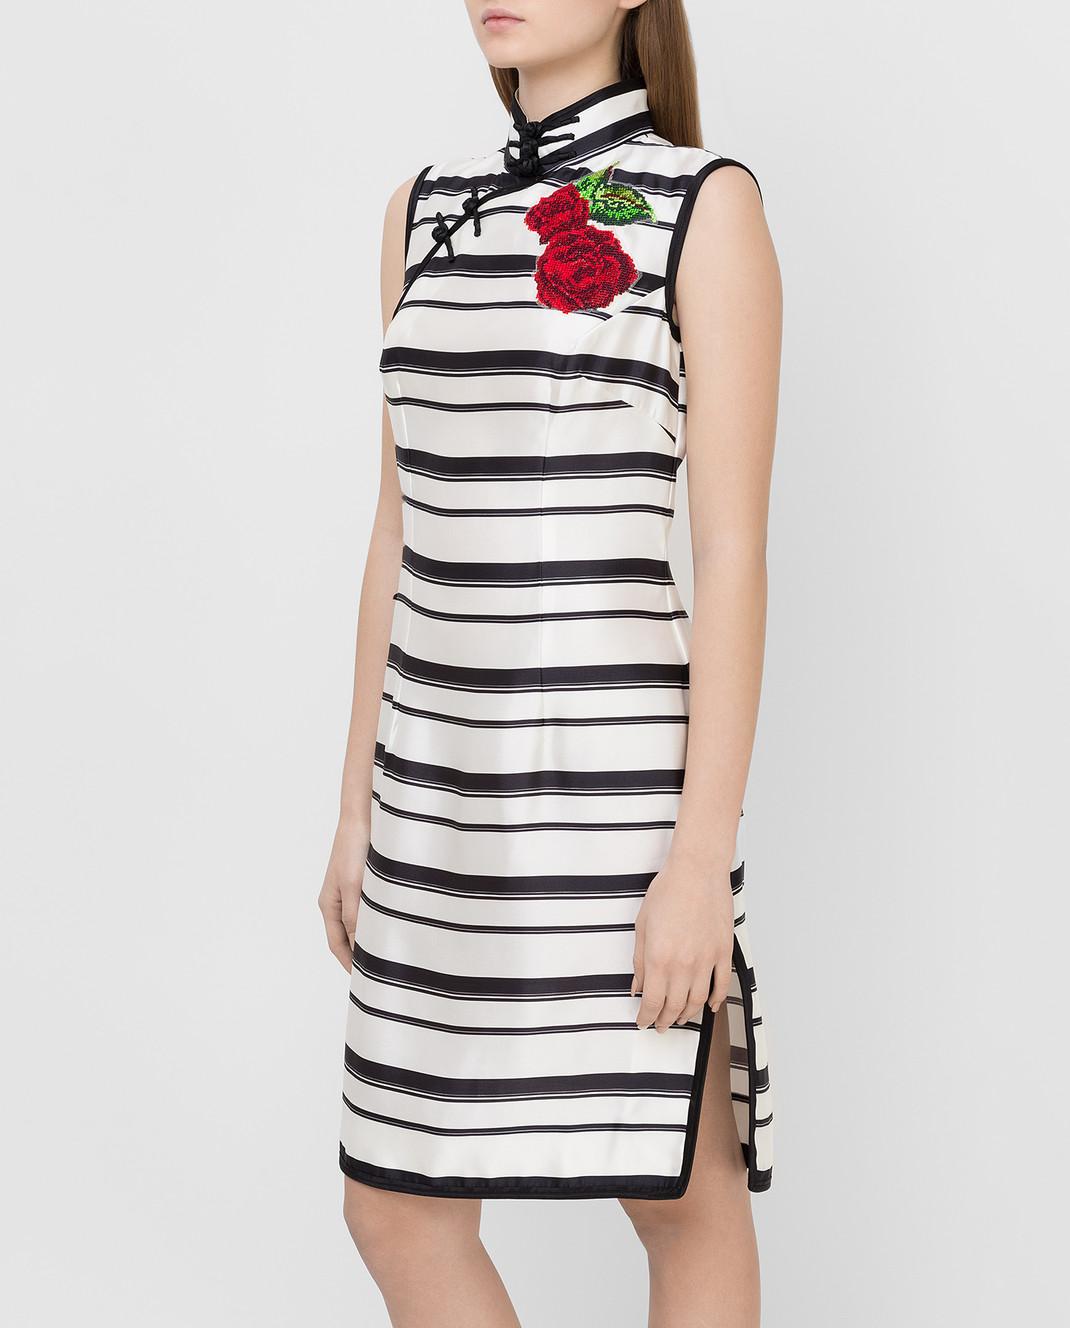 Dolce&Gabbana Белое платье из шелка F6XG7ZHS1D0 изображение 3